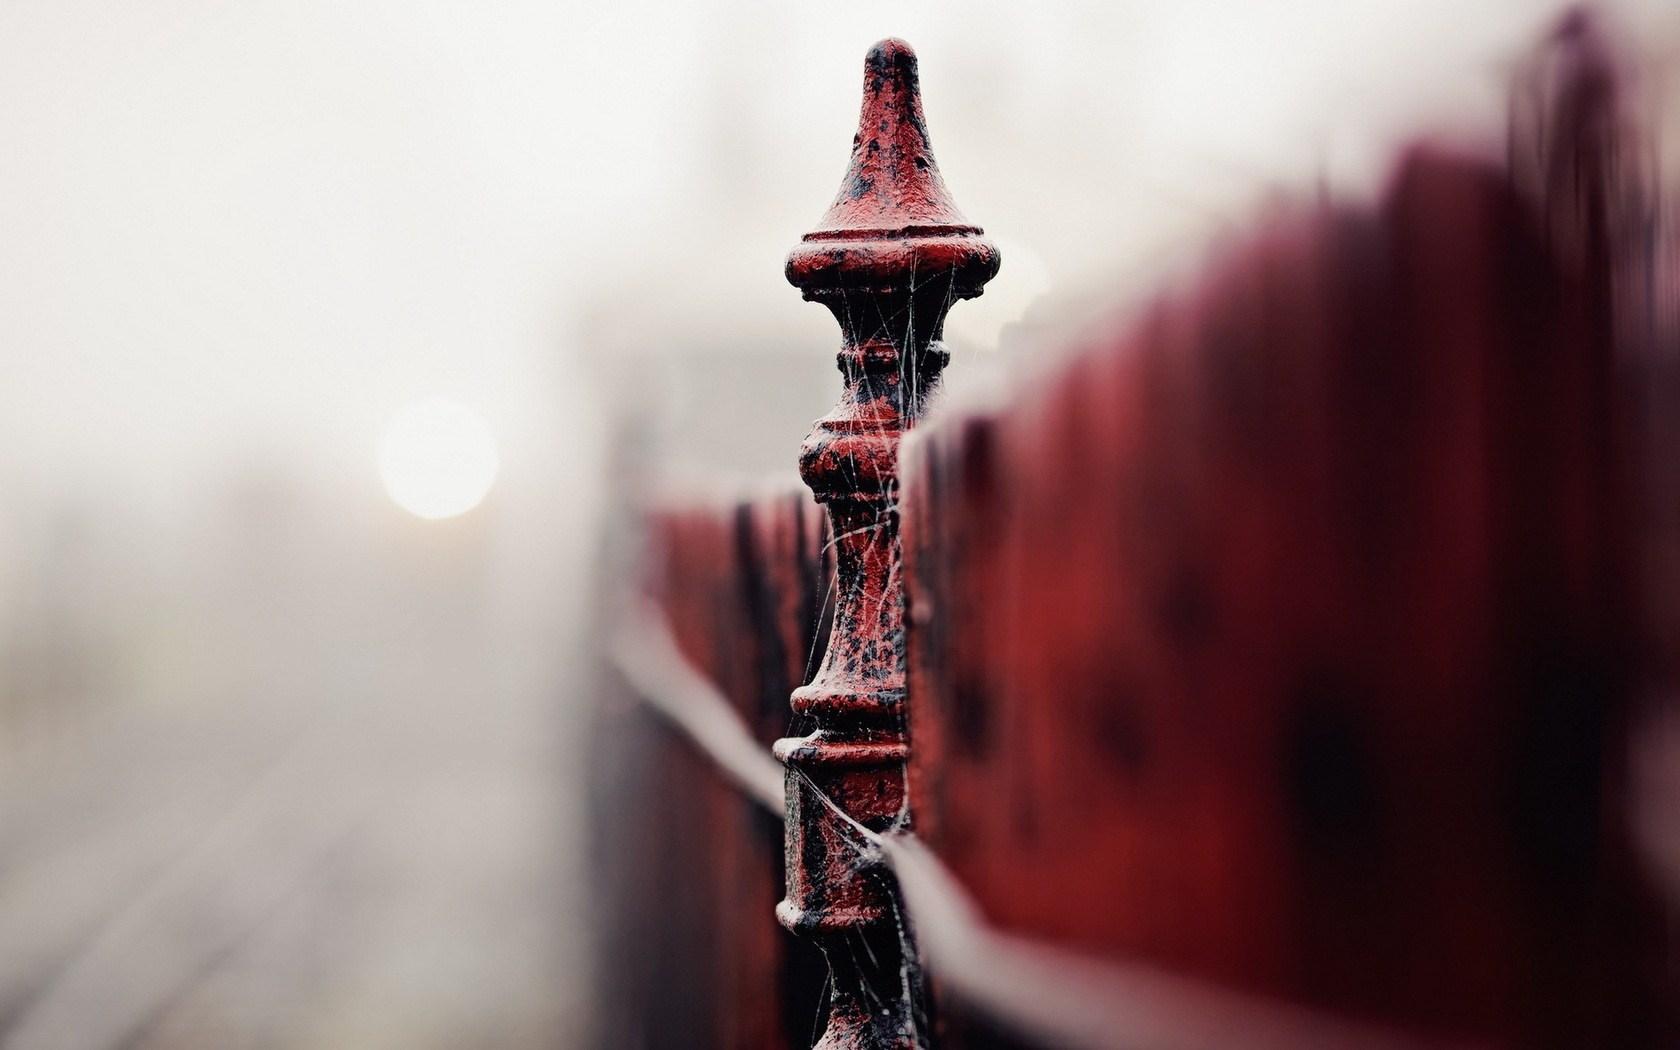 Fence Close-Up Fog Photo